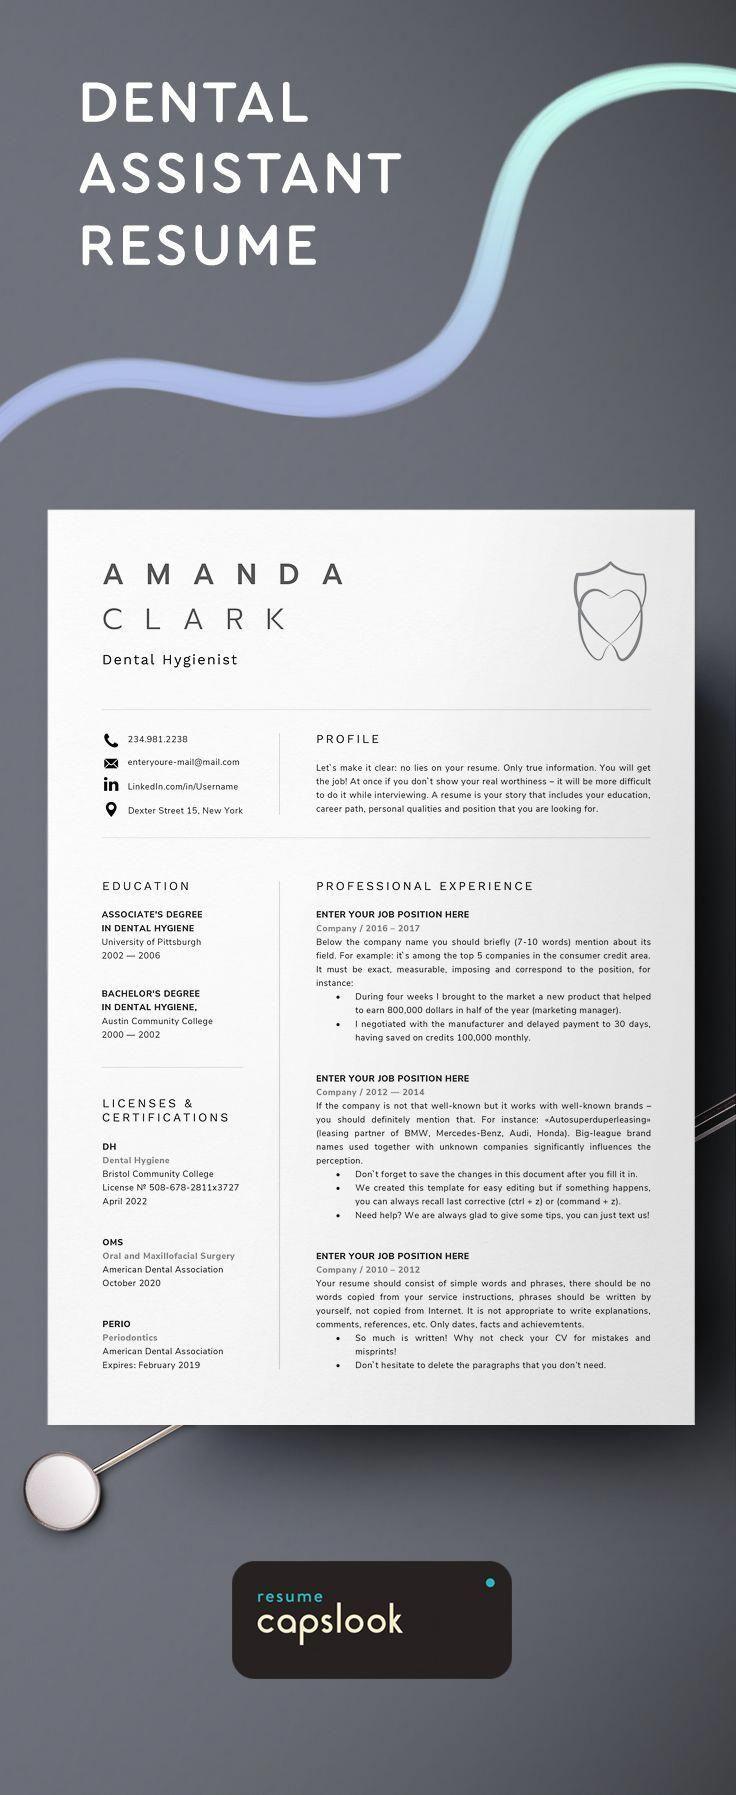 Dental assistant, dentist, hygiene resume template for microsoft word. #dental #... #Assistant #Dental #dentist #Hygiene #microsoft #resume #template #word #DentalHygienistCup #dentalassistant